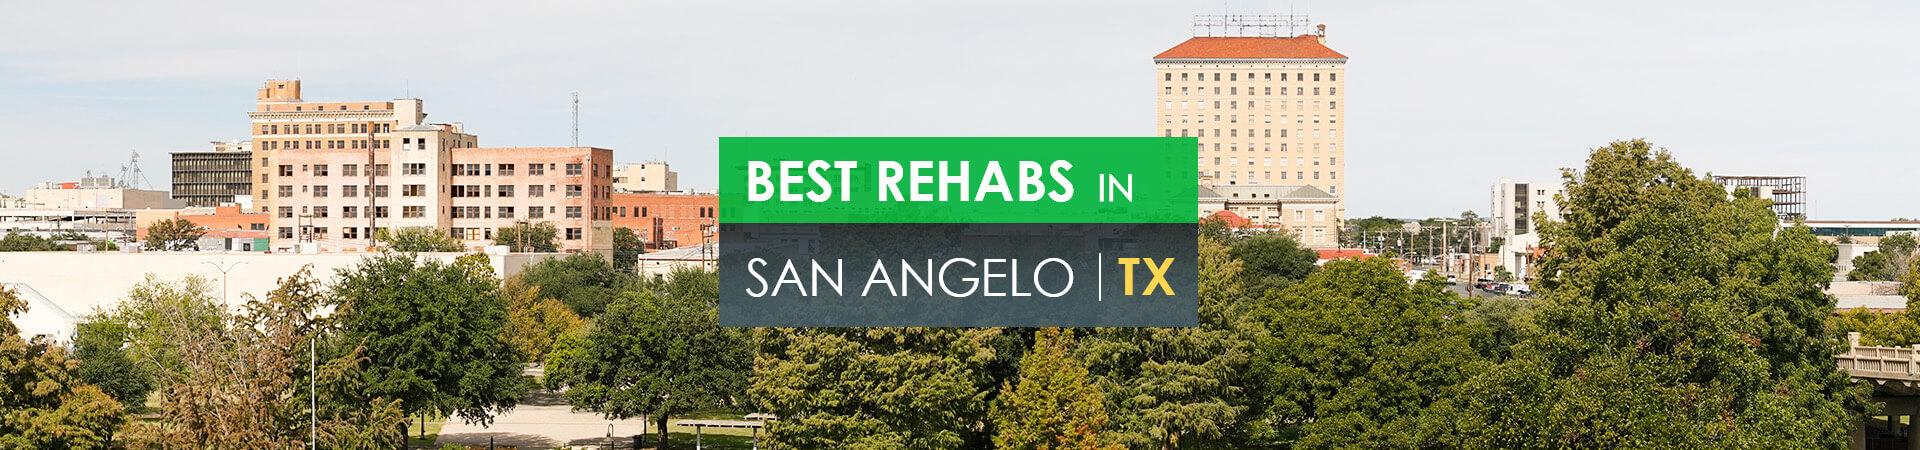 Best rehabs in San Angelo, TX